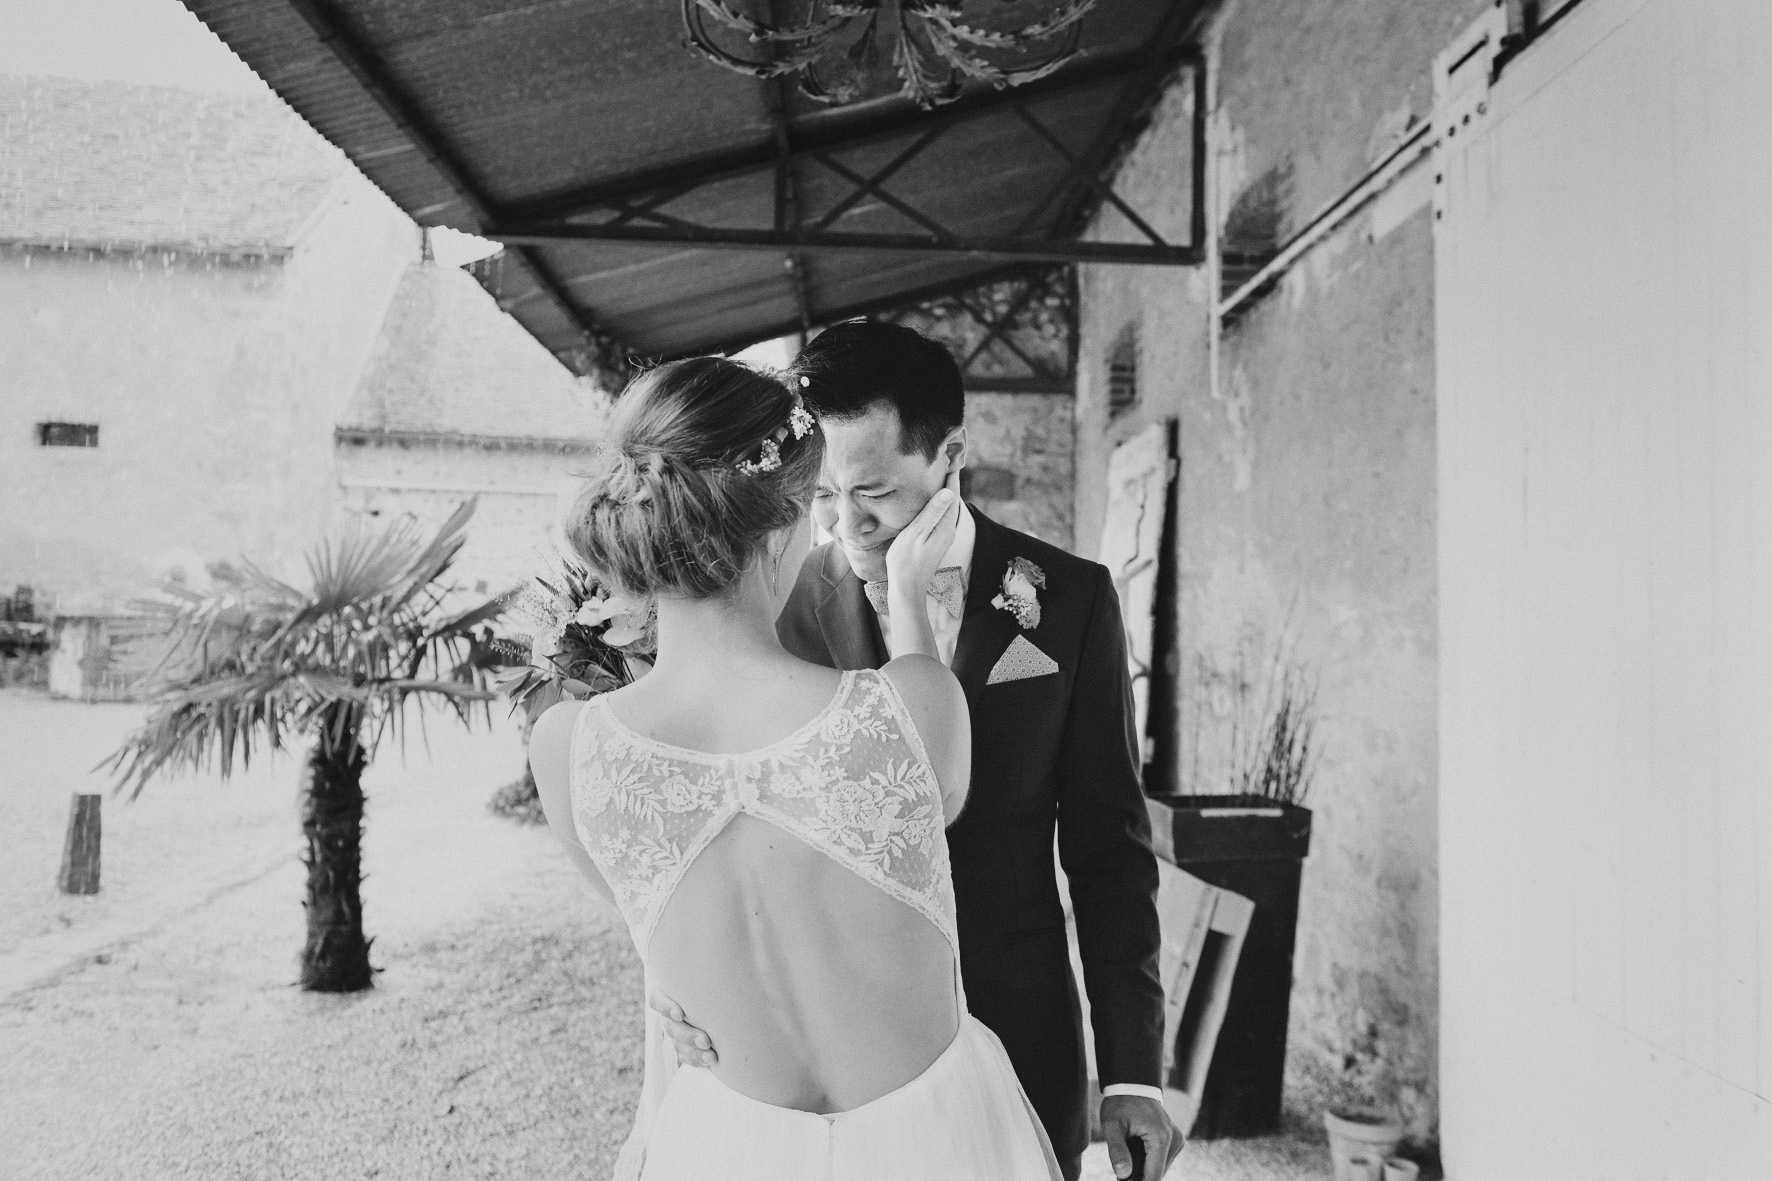 mariage_LW_domaine de la Pepiniere_seine-et-marne_77_photographie_clemence_dubois 07